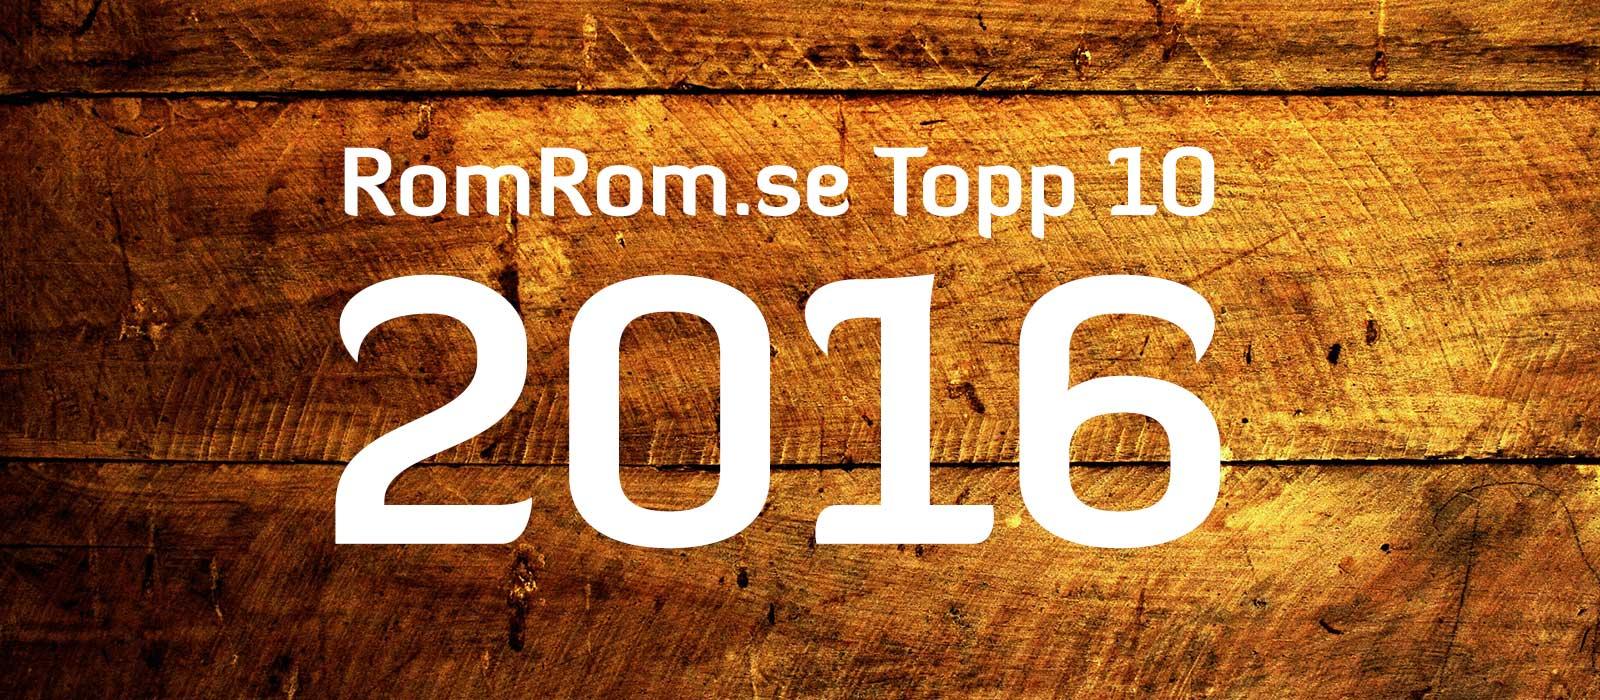 Snart kommer topplistan för 2016